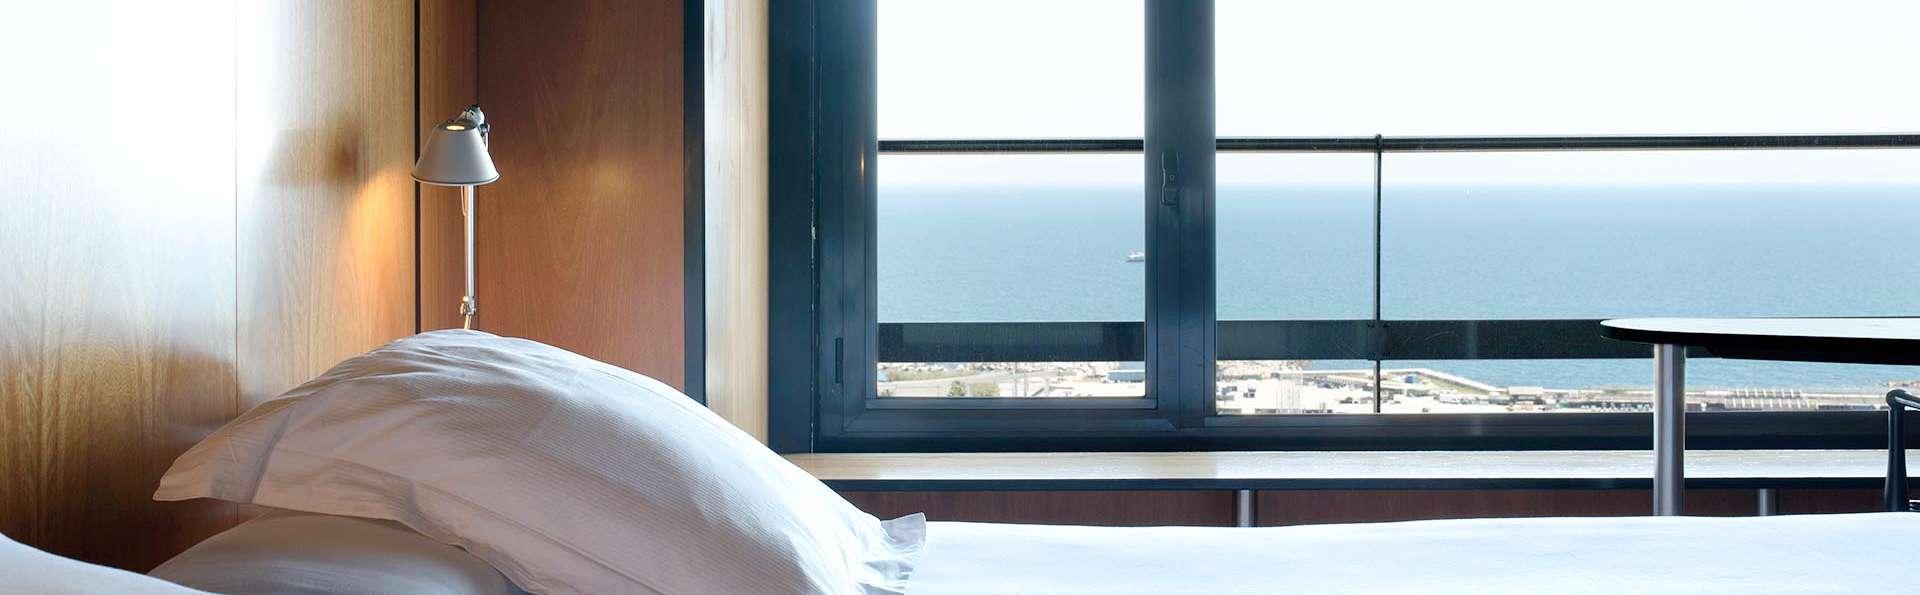 Descubre la Barcelona más bonita: en habitación vista mar en un hotel con piscina rooftop